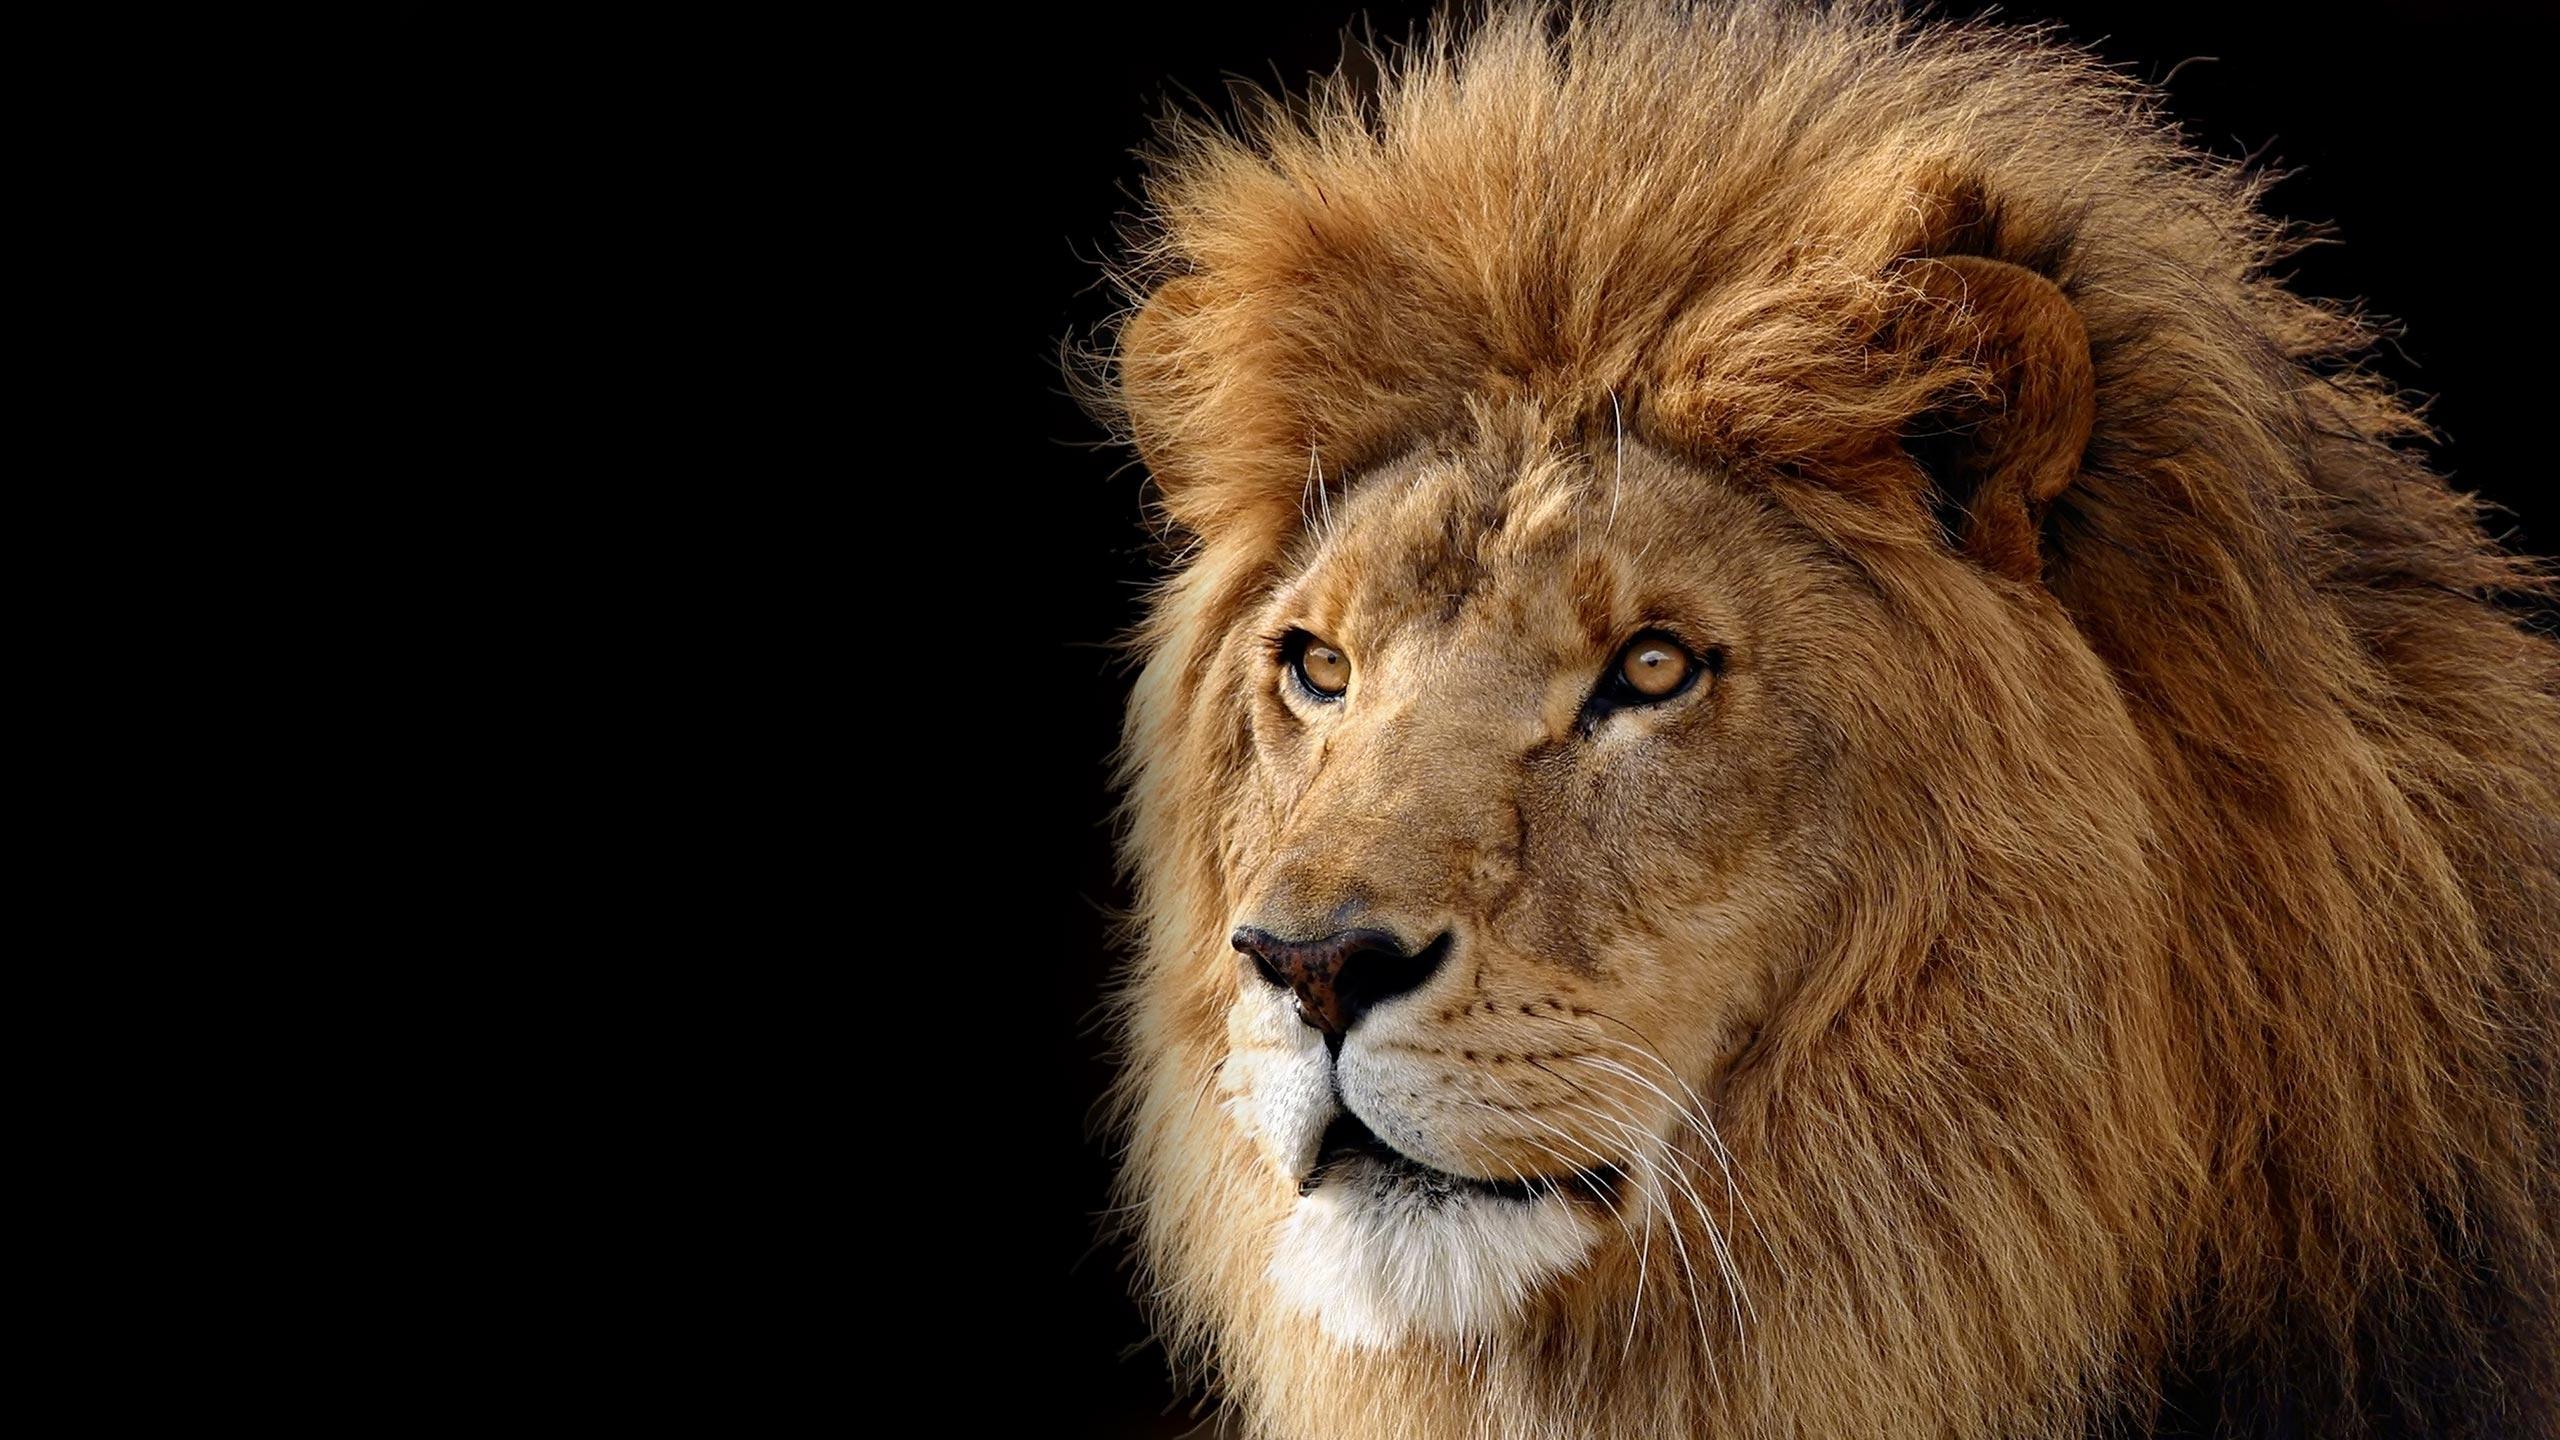 Lion Fond Décran Hd Arrière Plan 2560x1440 Id237687